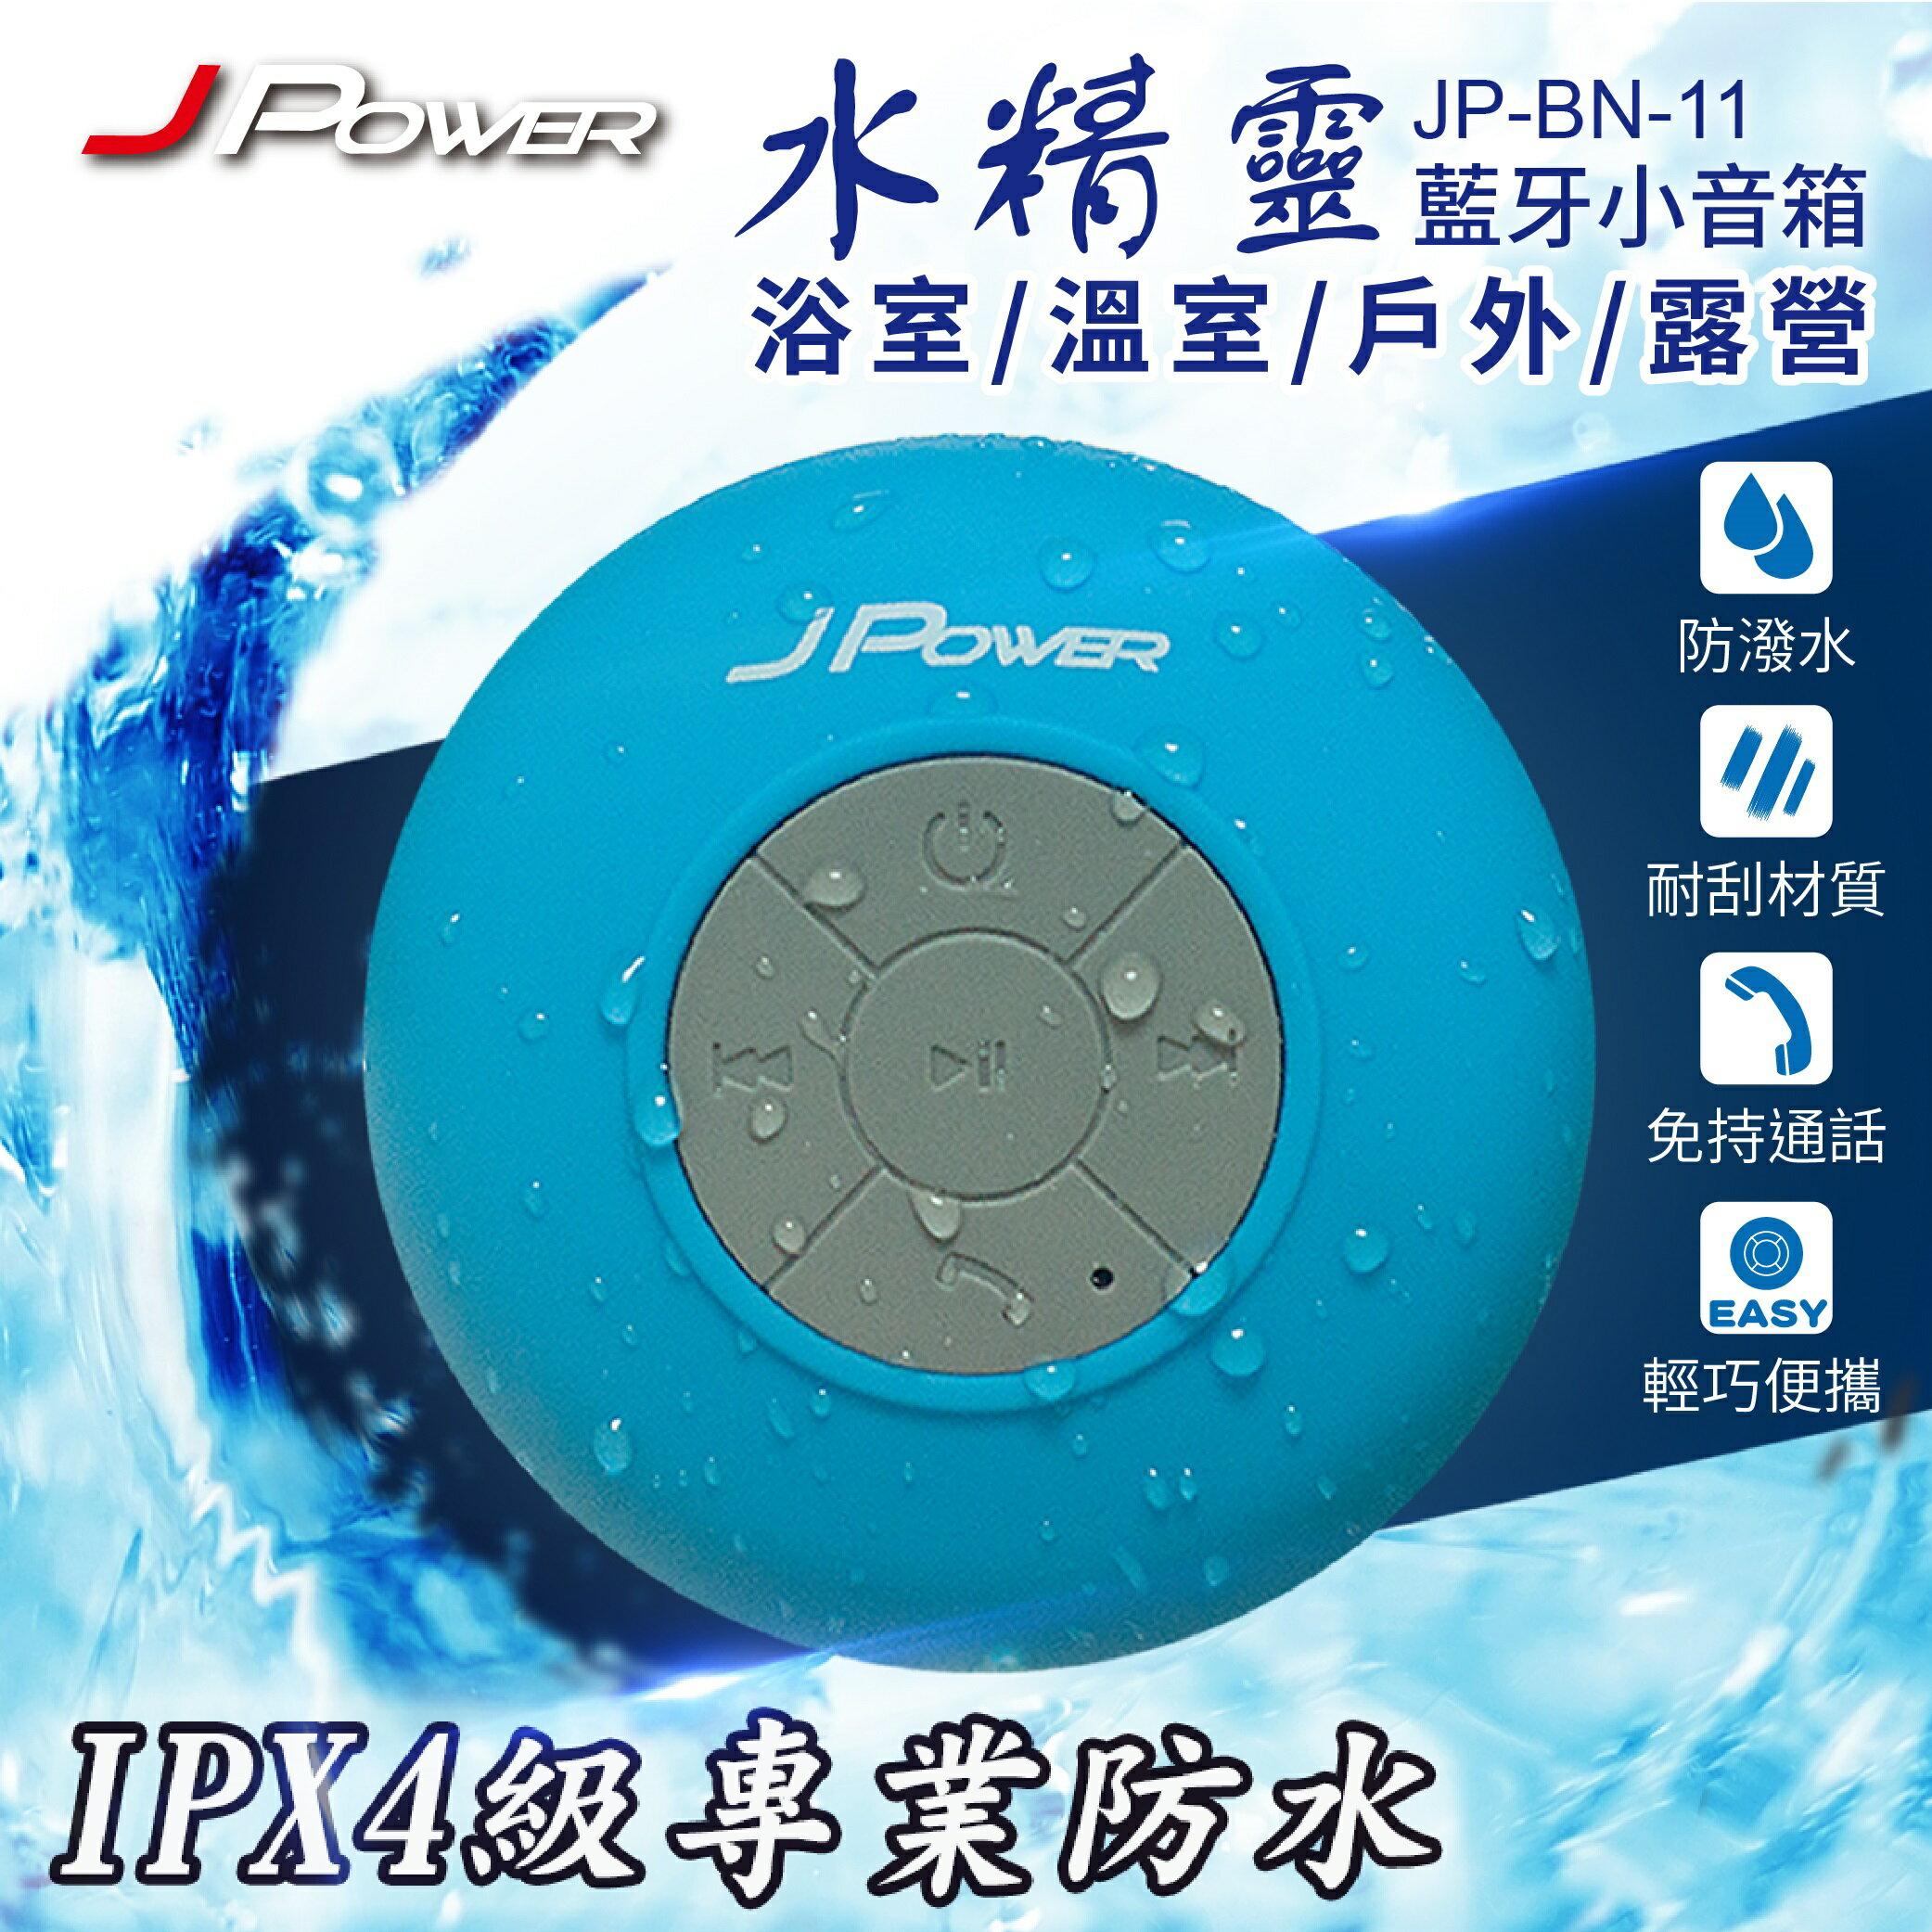 【迪特軍3C】J-Power 杰強 水精靈防水藍芽喇叭 藍芽傳輸 吸盤設計 IPX4 防潑水